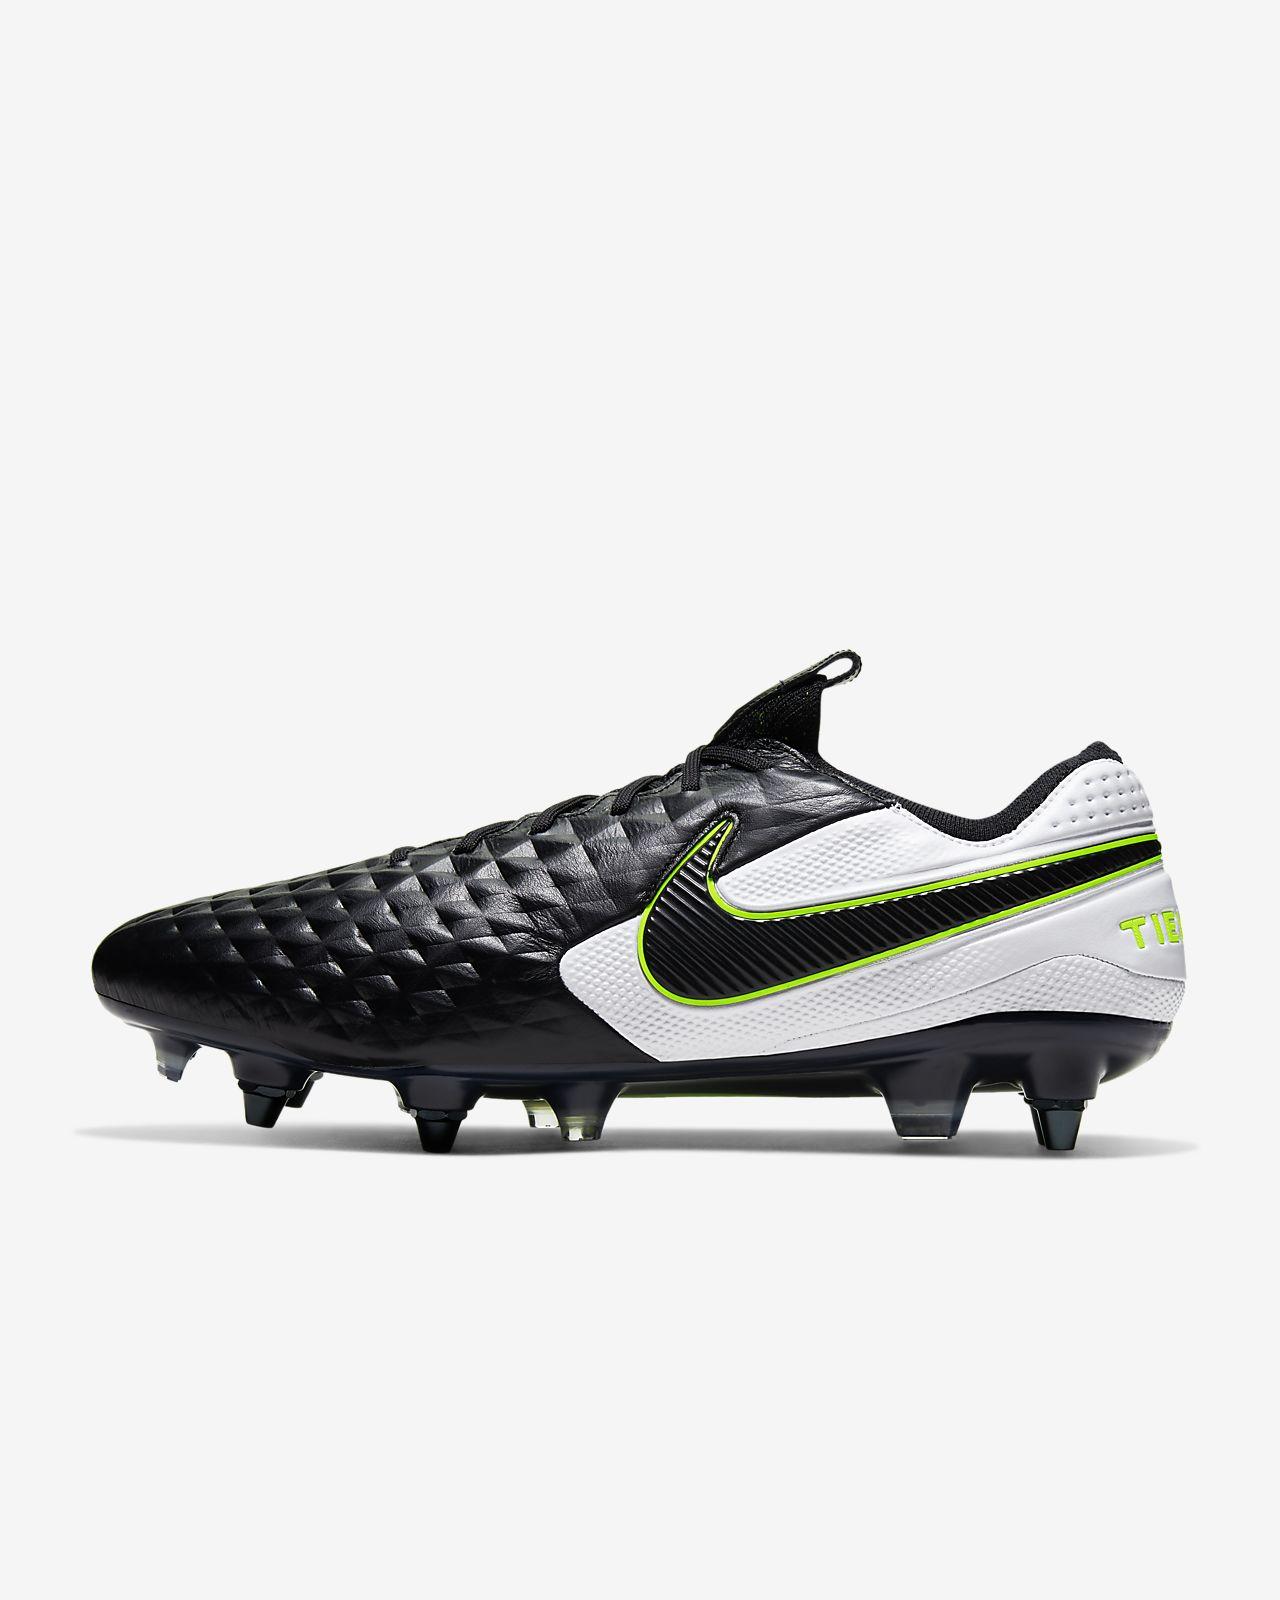 Chaussure de football à crampons pour terrain gras Nike Tiempo Legend 8  Elite SG-PRO Anti-Clog Traction